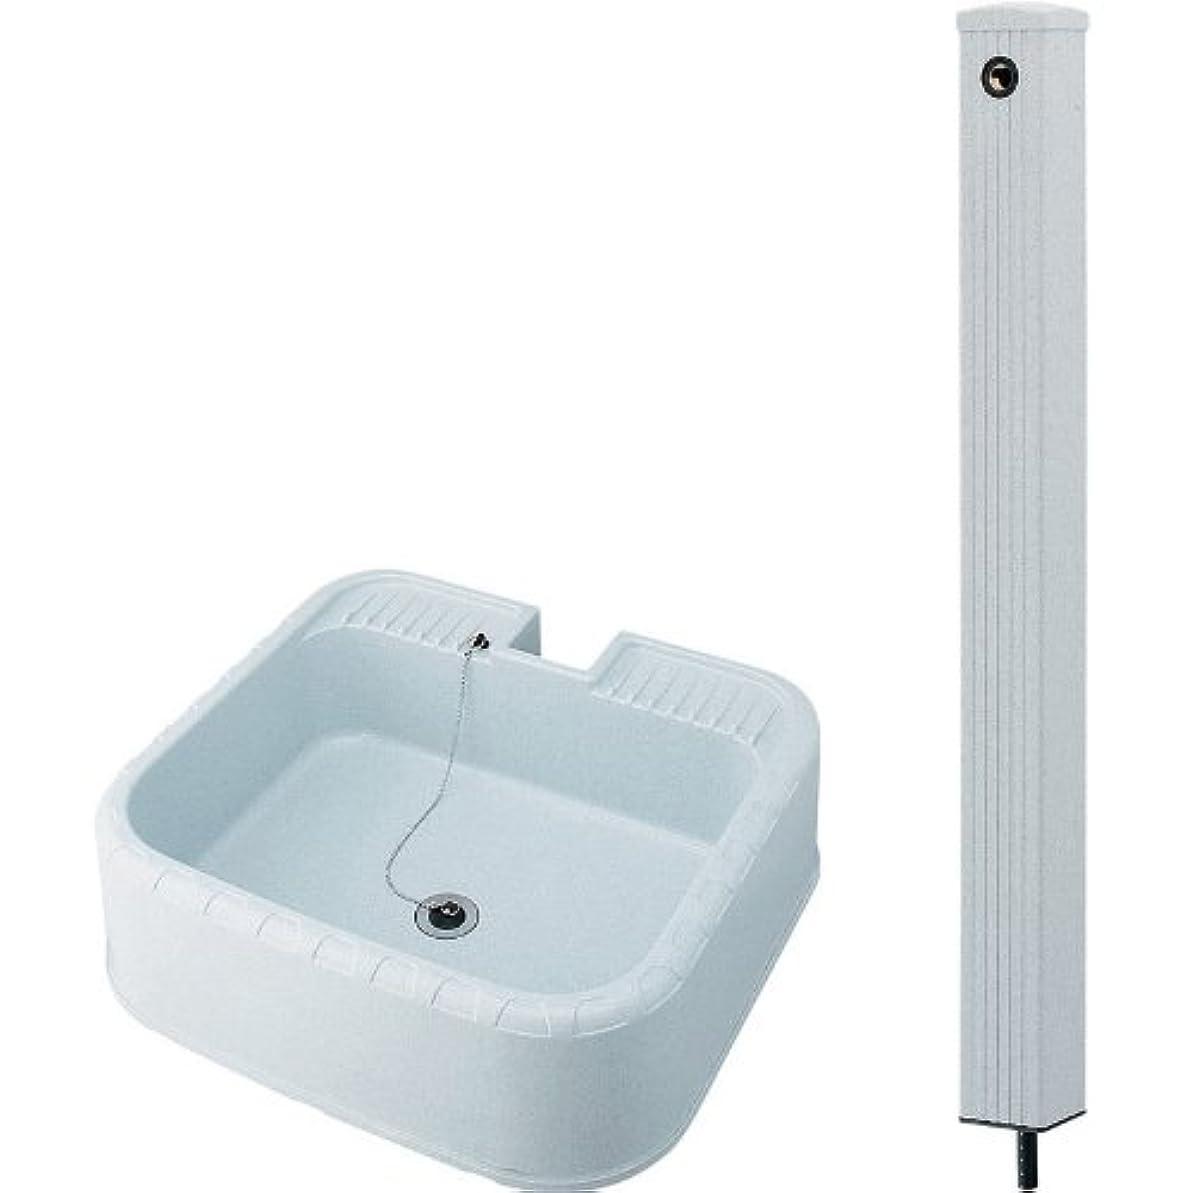 簿記係悲しいフラップKAKUDAI/カクダイ 624-076(水栓柱?80角) + 624-926(水栓柱パン) セット